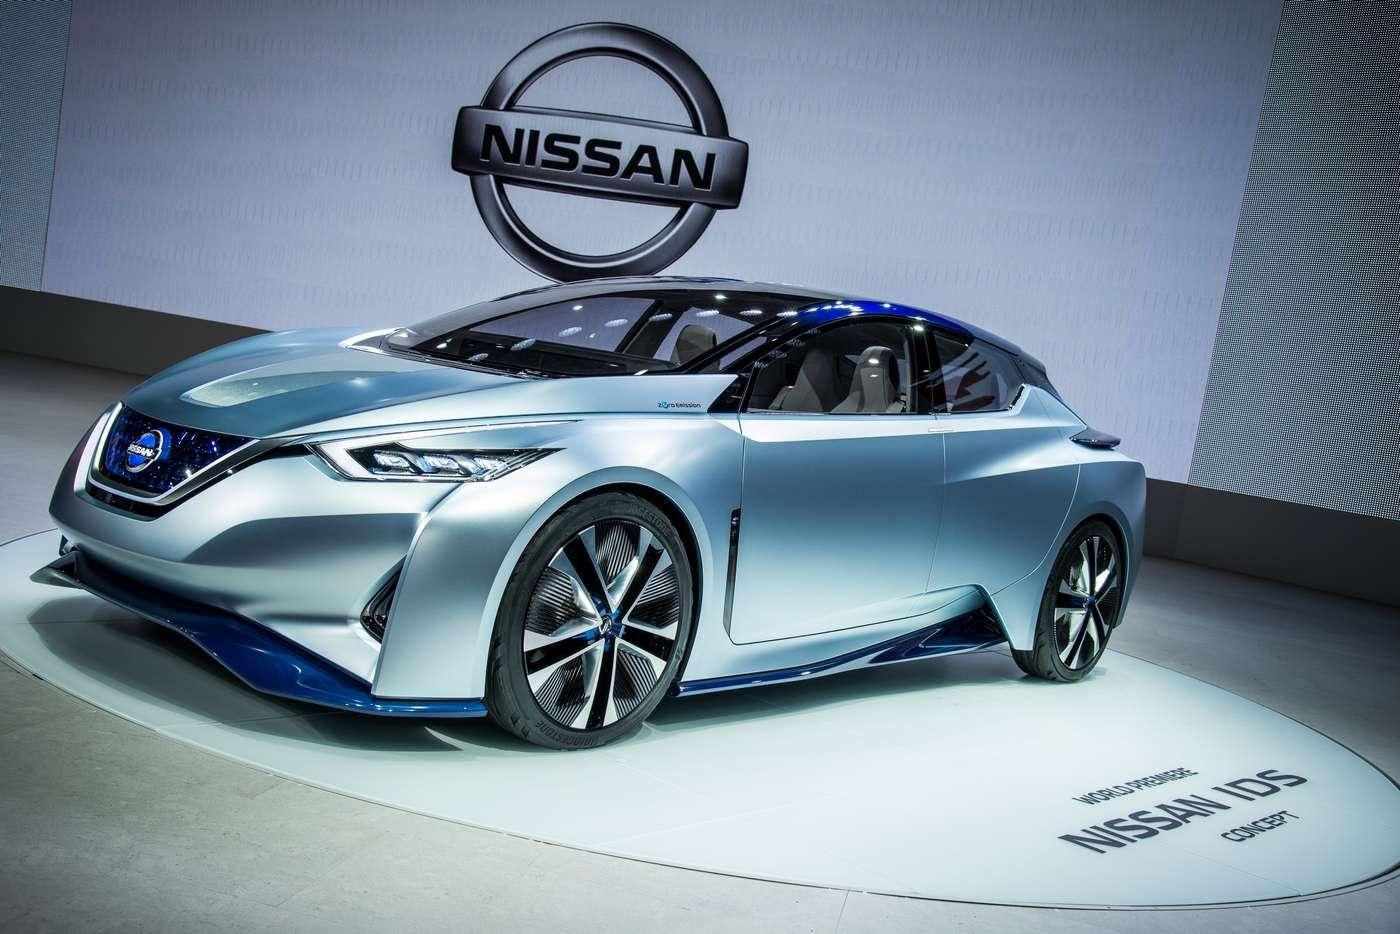 La Nissan IDS a été dévoilée au salon automobile de Tokyo. Ce concept-car n'a pas vocation à être commercialisé. © Nissan